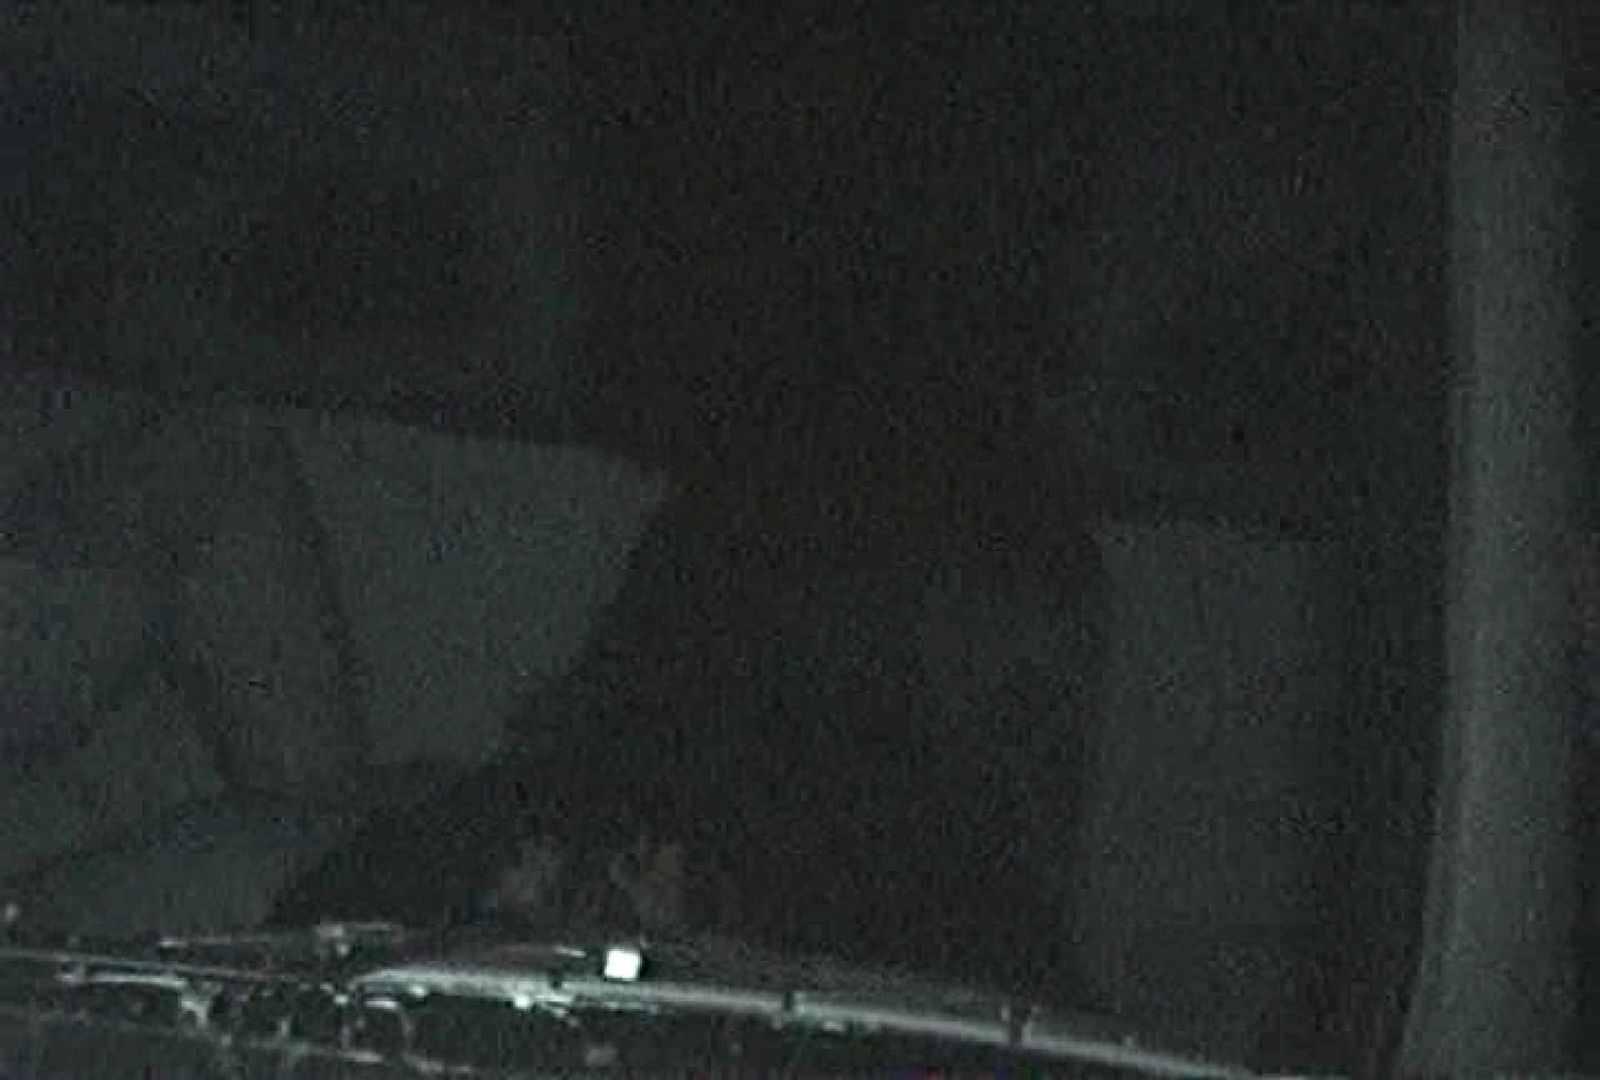 充血監督の深夜の運動会Vol.87 マンコ | OLの実態  91pic 53